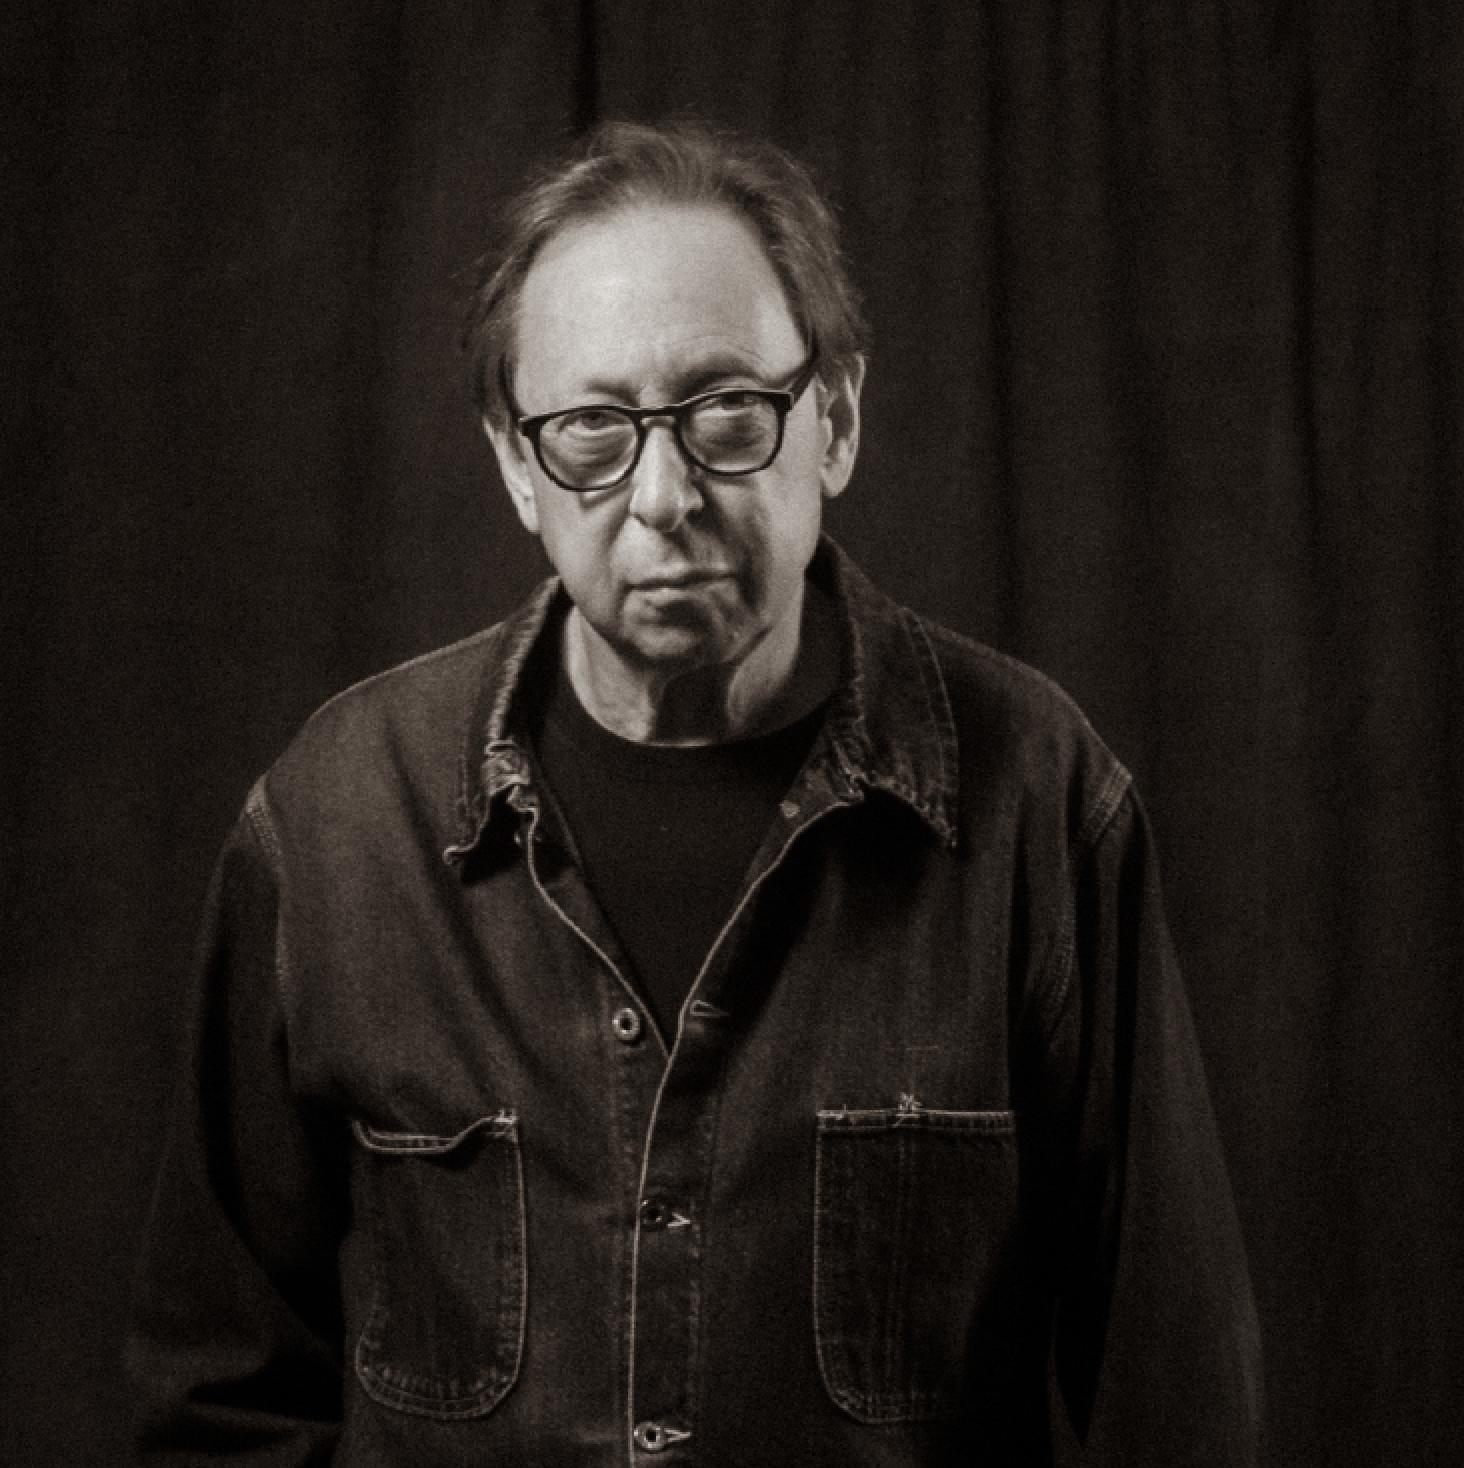 Headshot of Stan Schnier